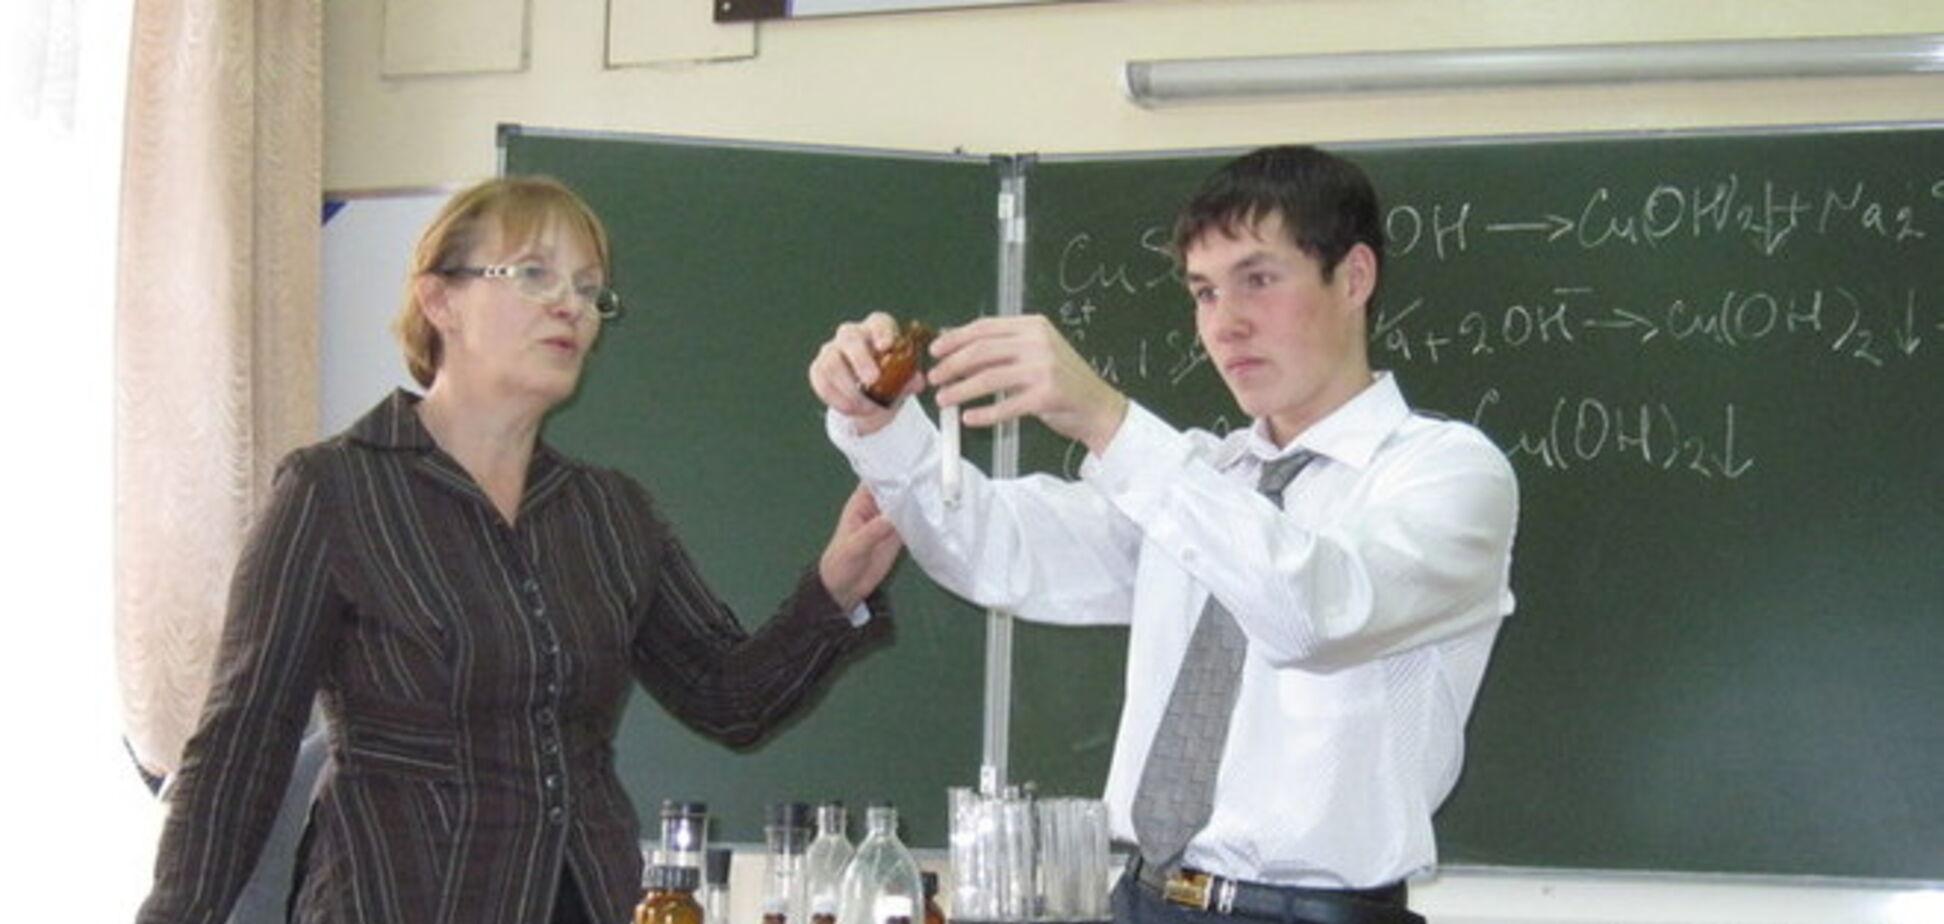 На Луганщине от взрыва пробирки на уроке химии пострадали три подростка